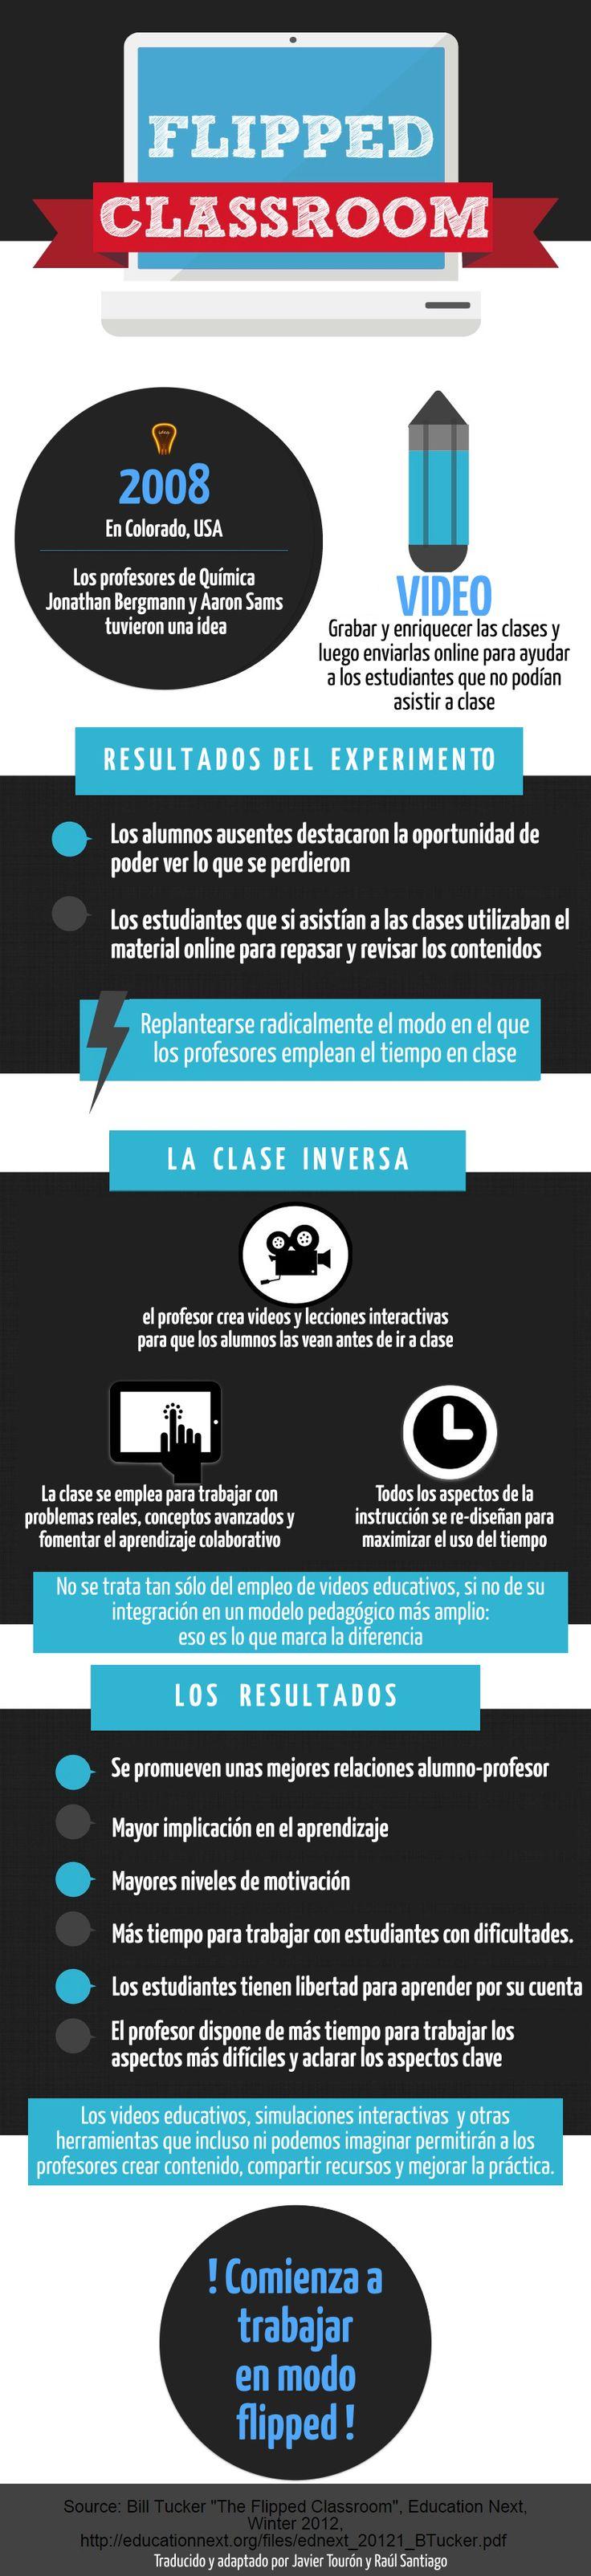 Que es la classe invertida? Un buen recurso educativo